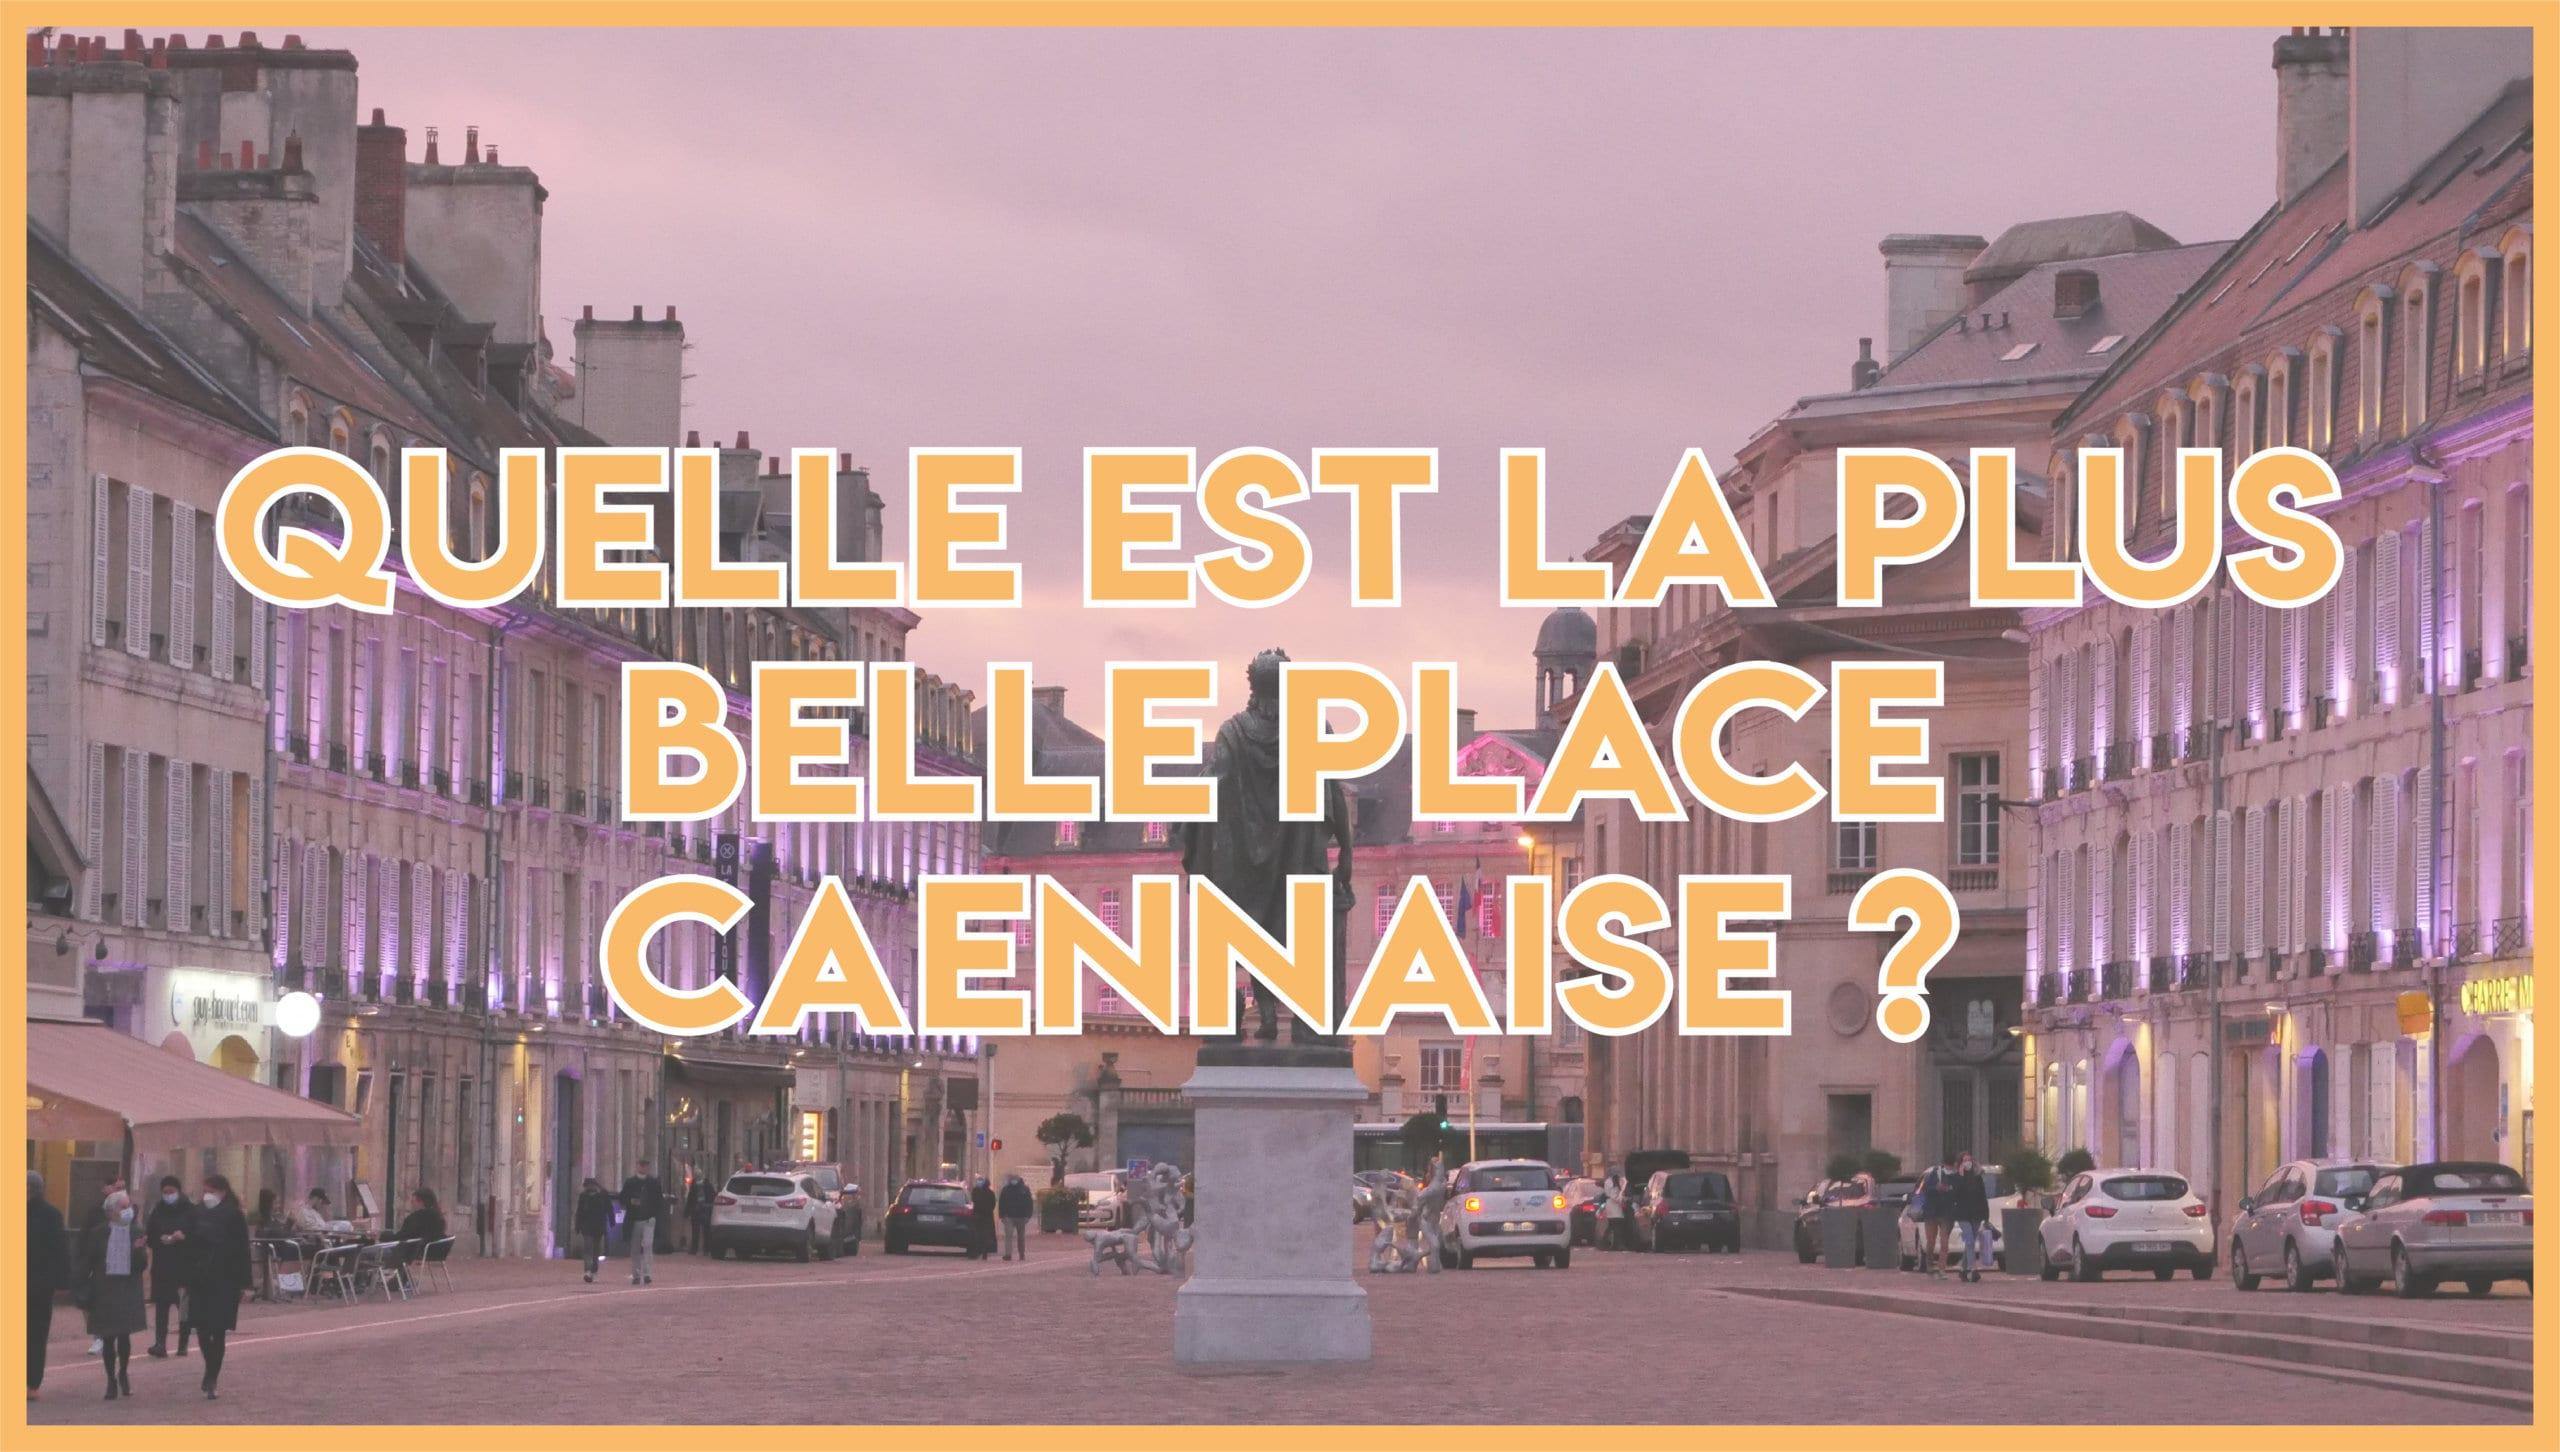 BELLE PLACE